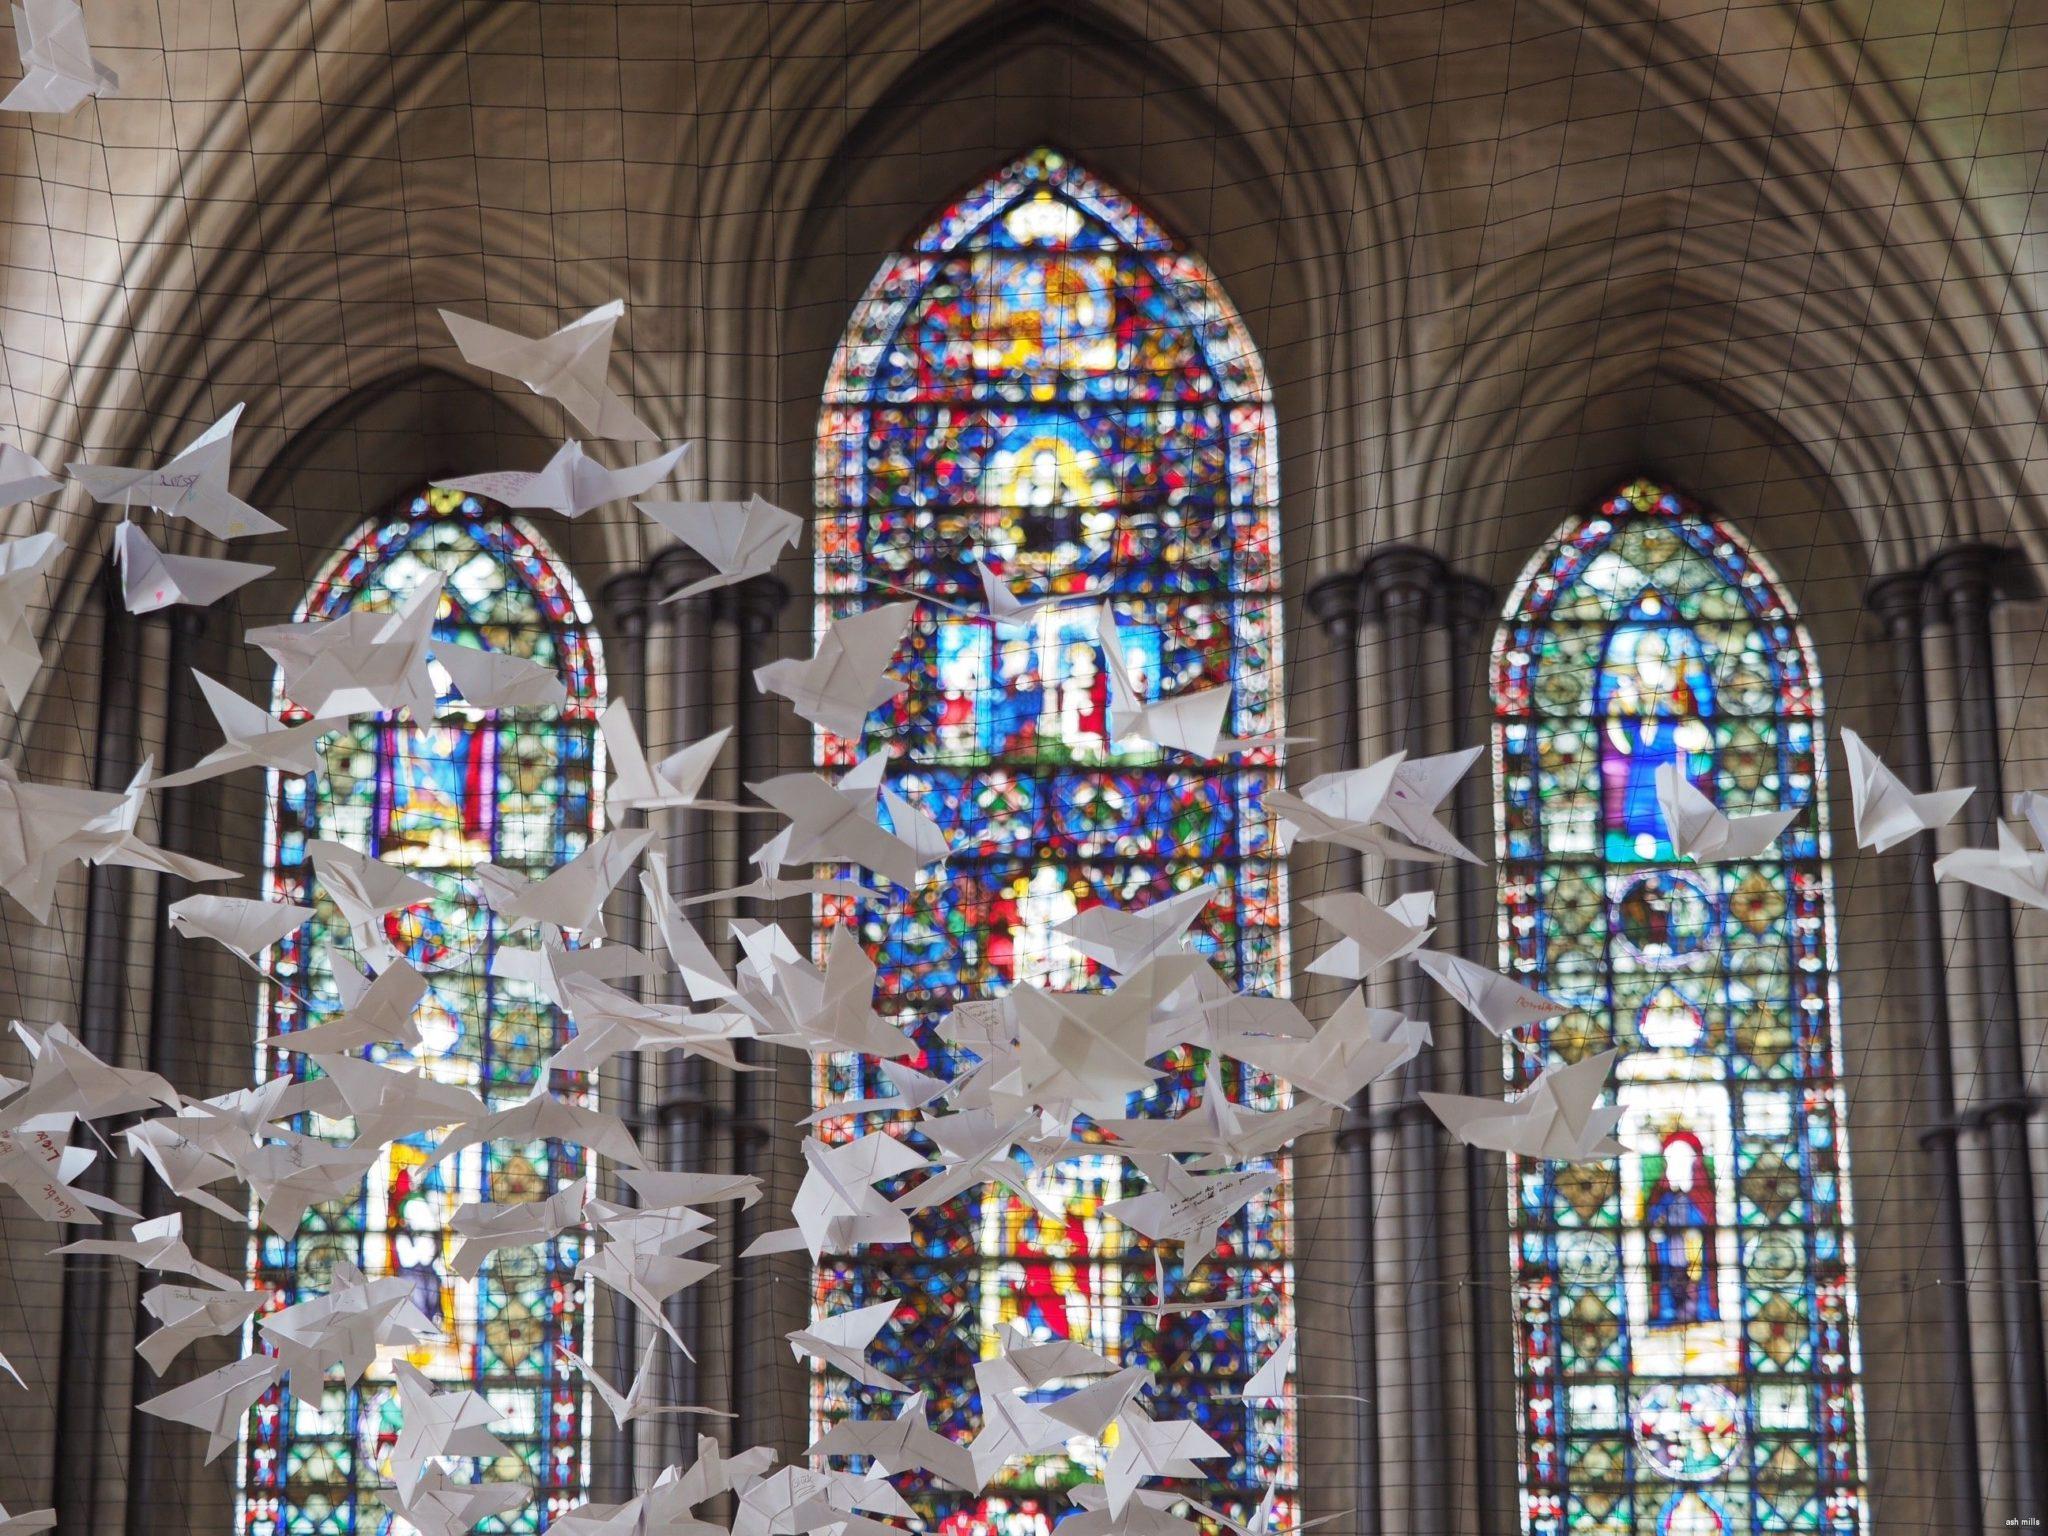 Białe papierowe gołębie zawieszone pod sklepieniem gotyckiego kościoła.